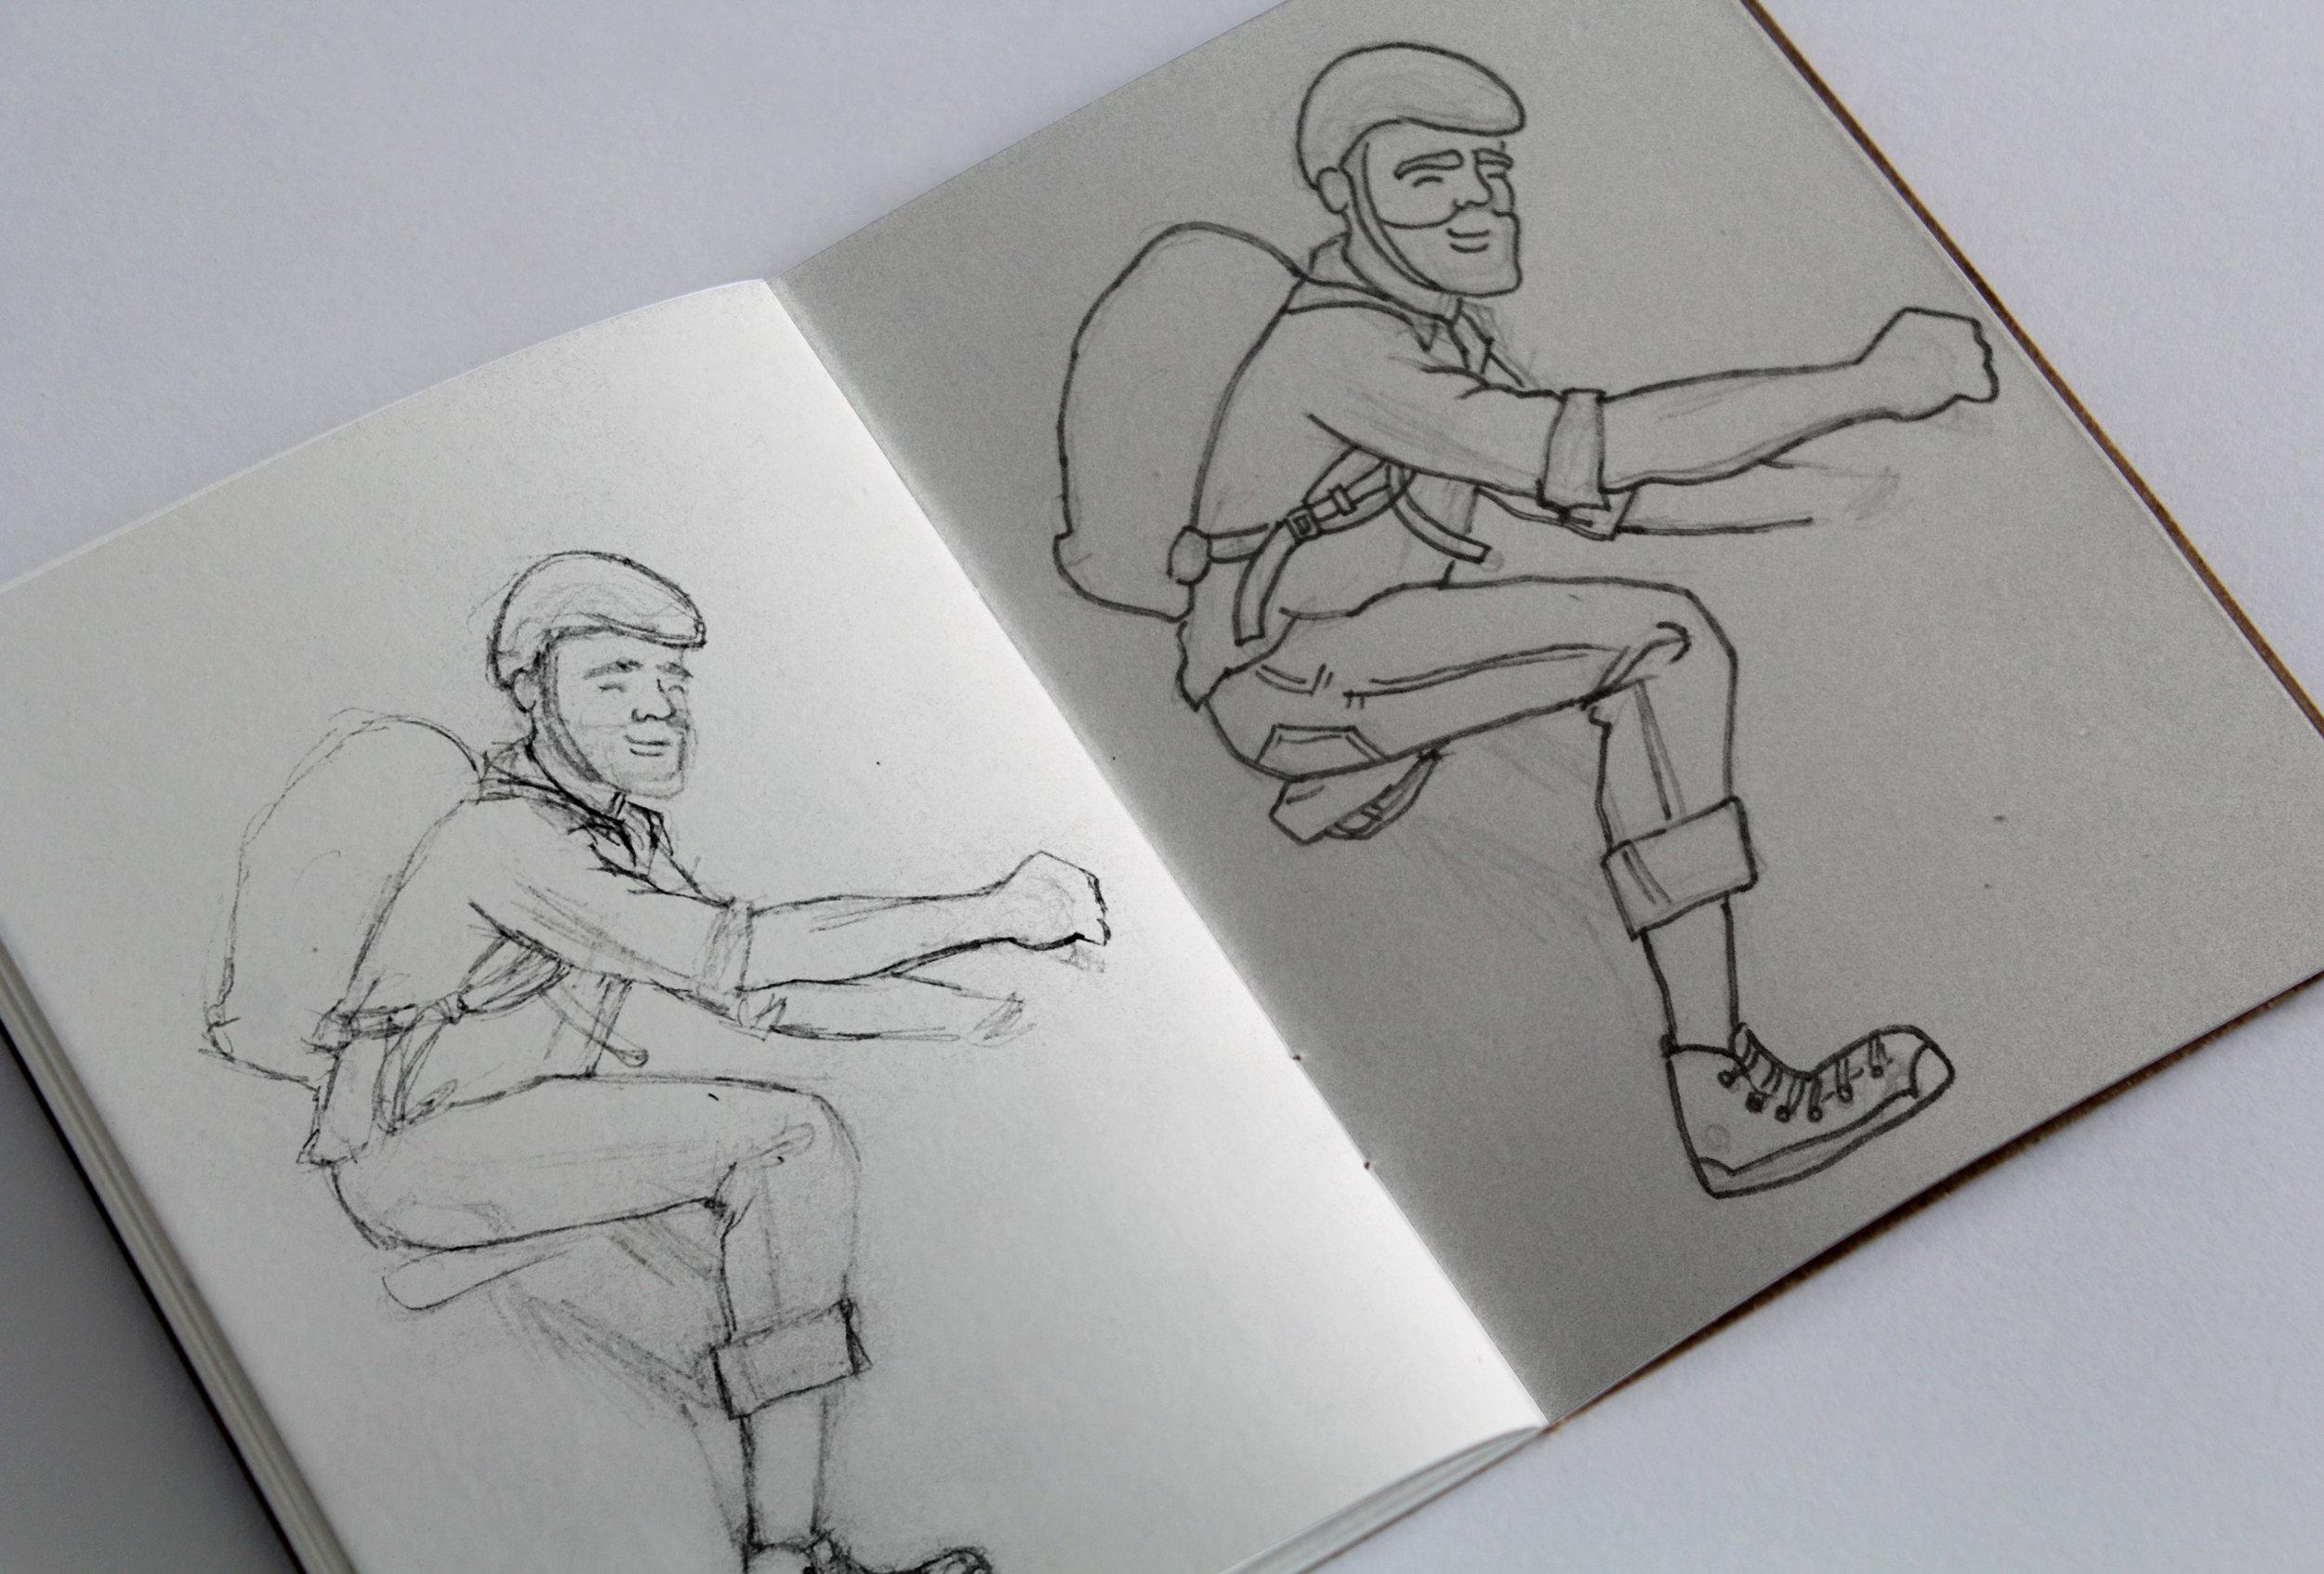 sketch of male bike commuter